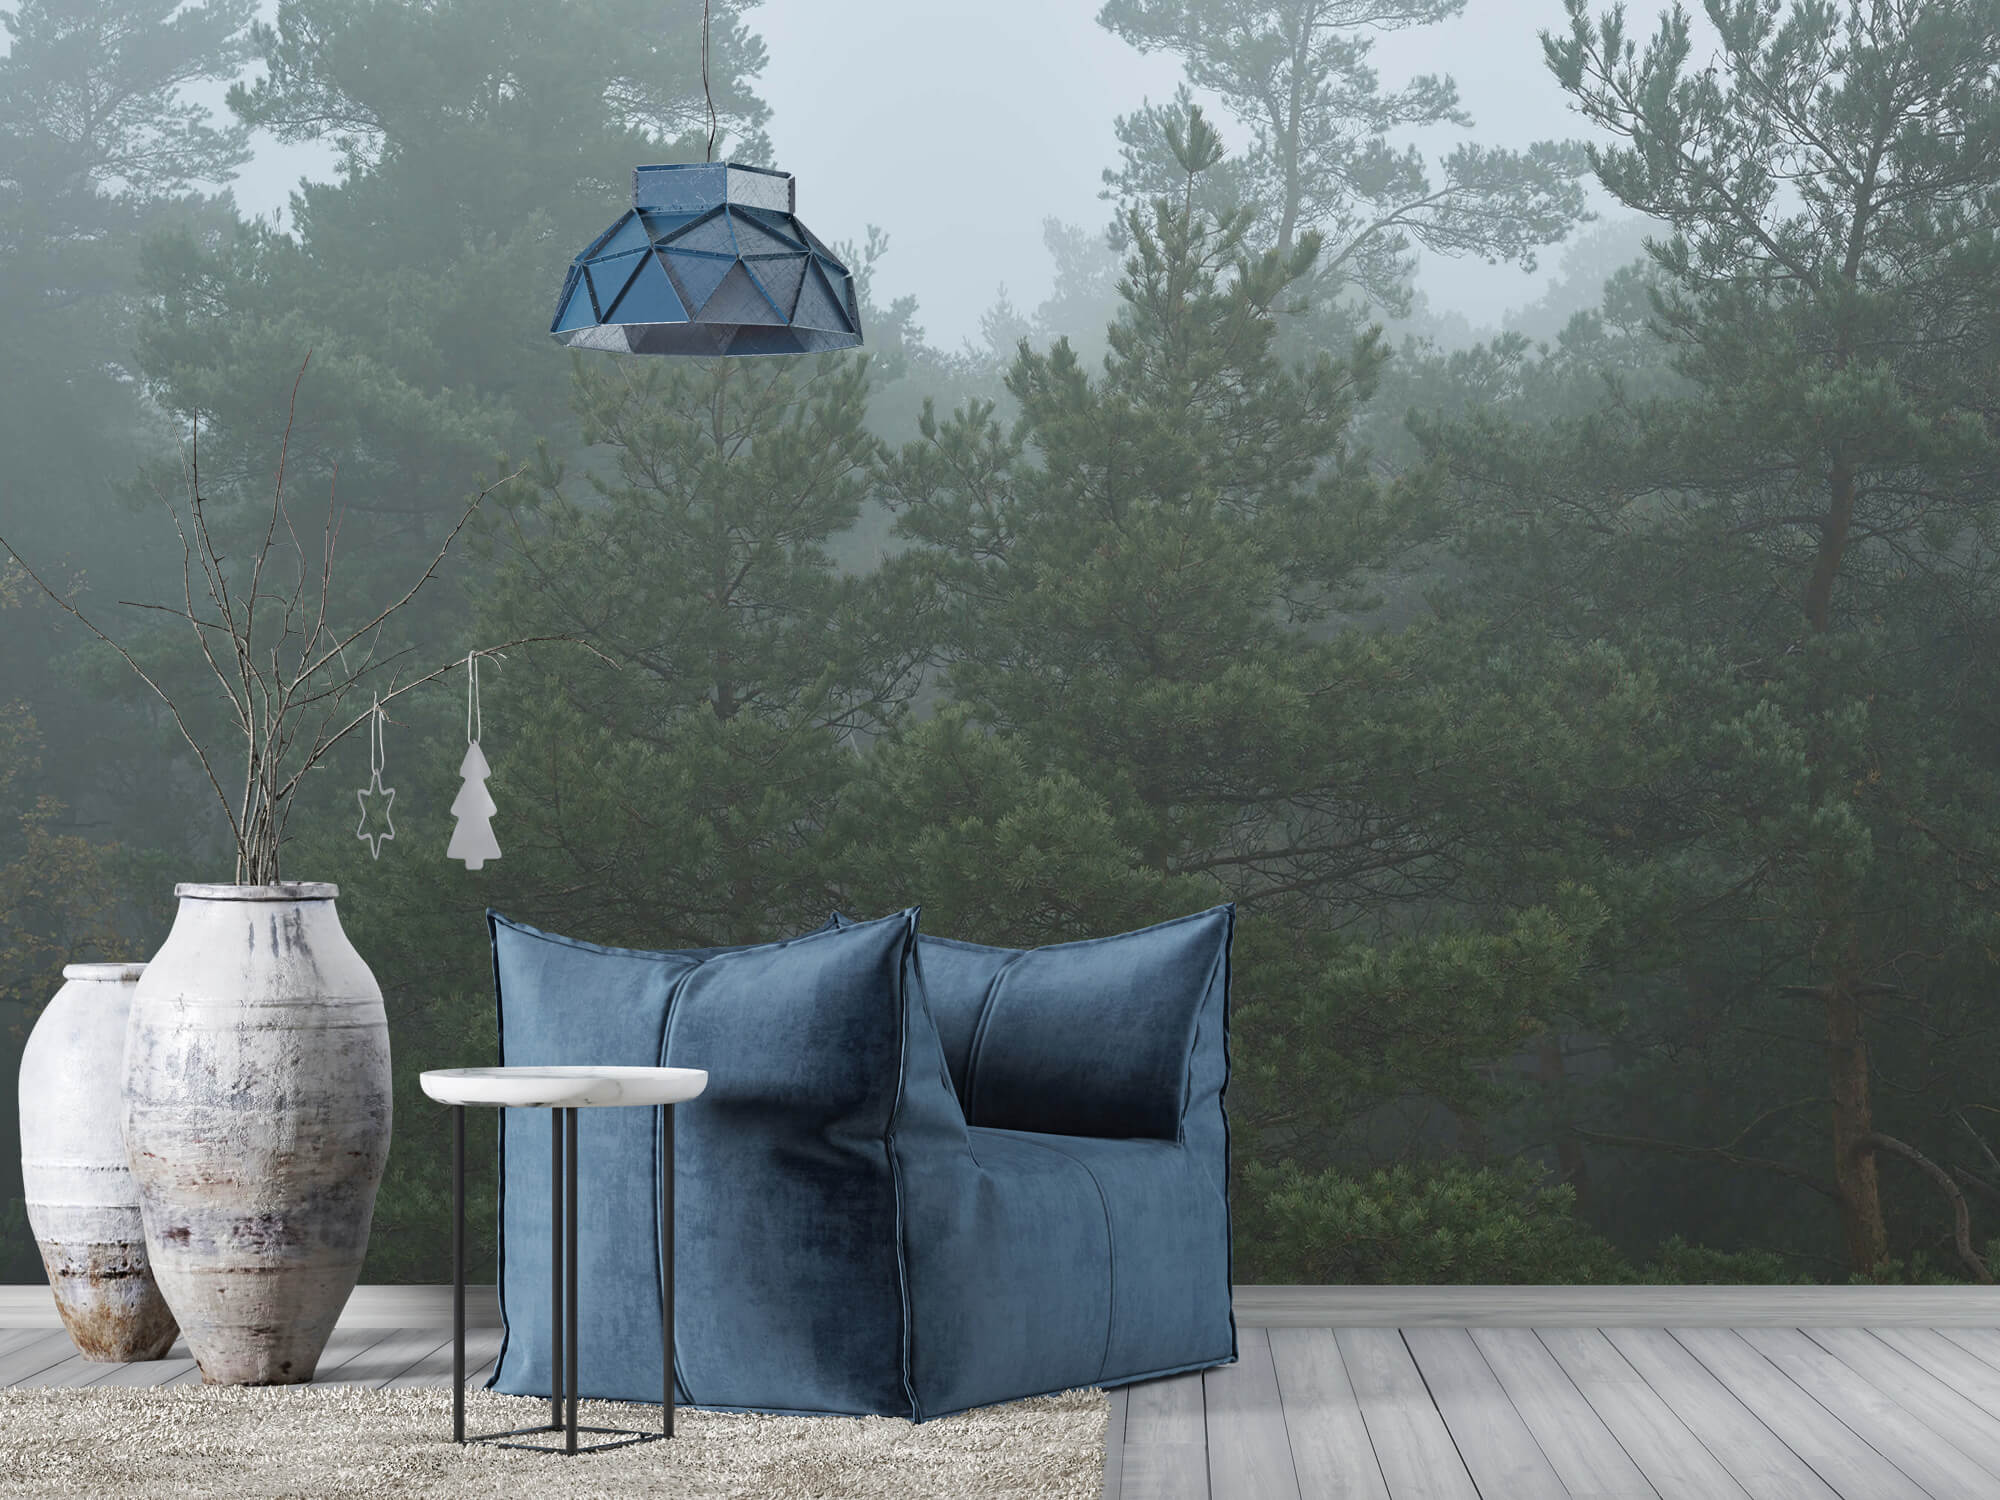 Natuur Naaldbomen in de mist 5